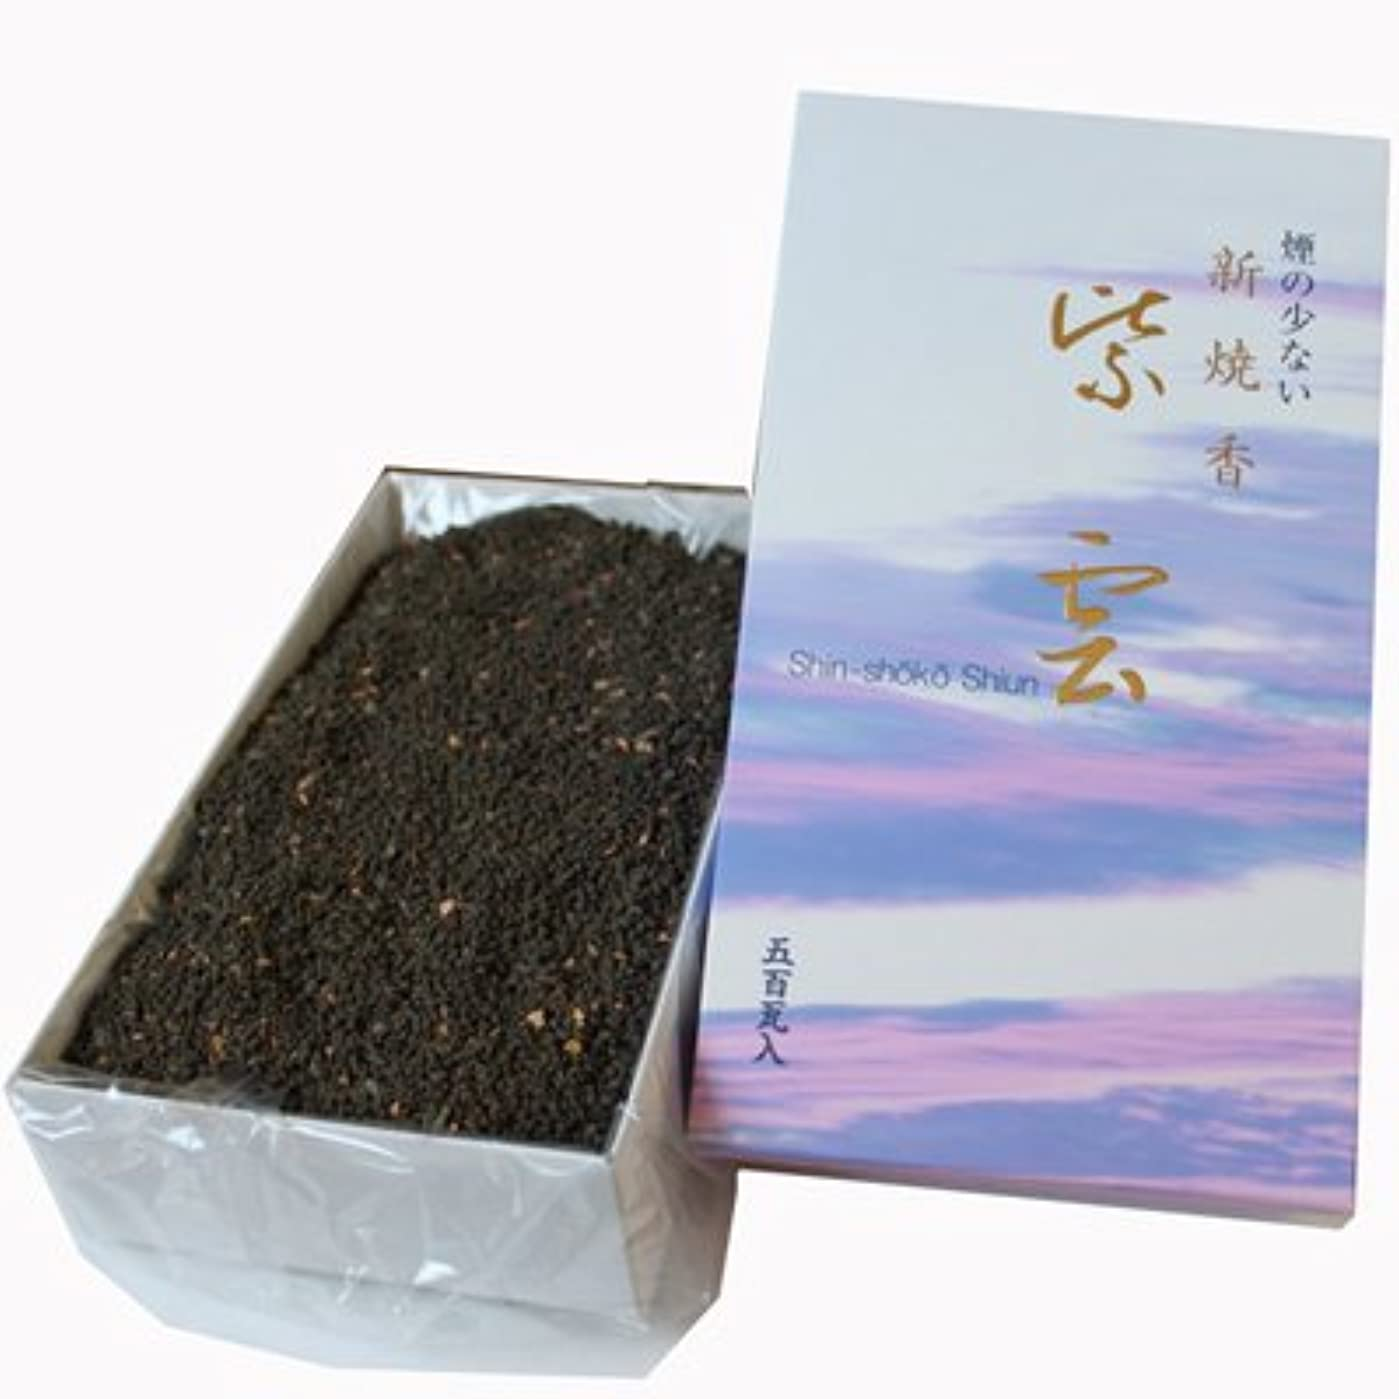 ぶら下がる自動化持続的少煙焼香 紫雲500g箱入り  抹香